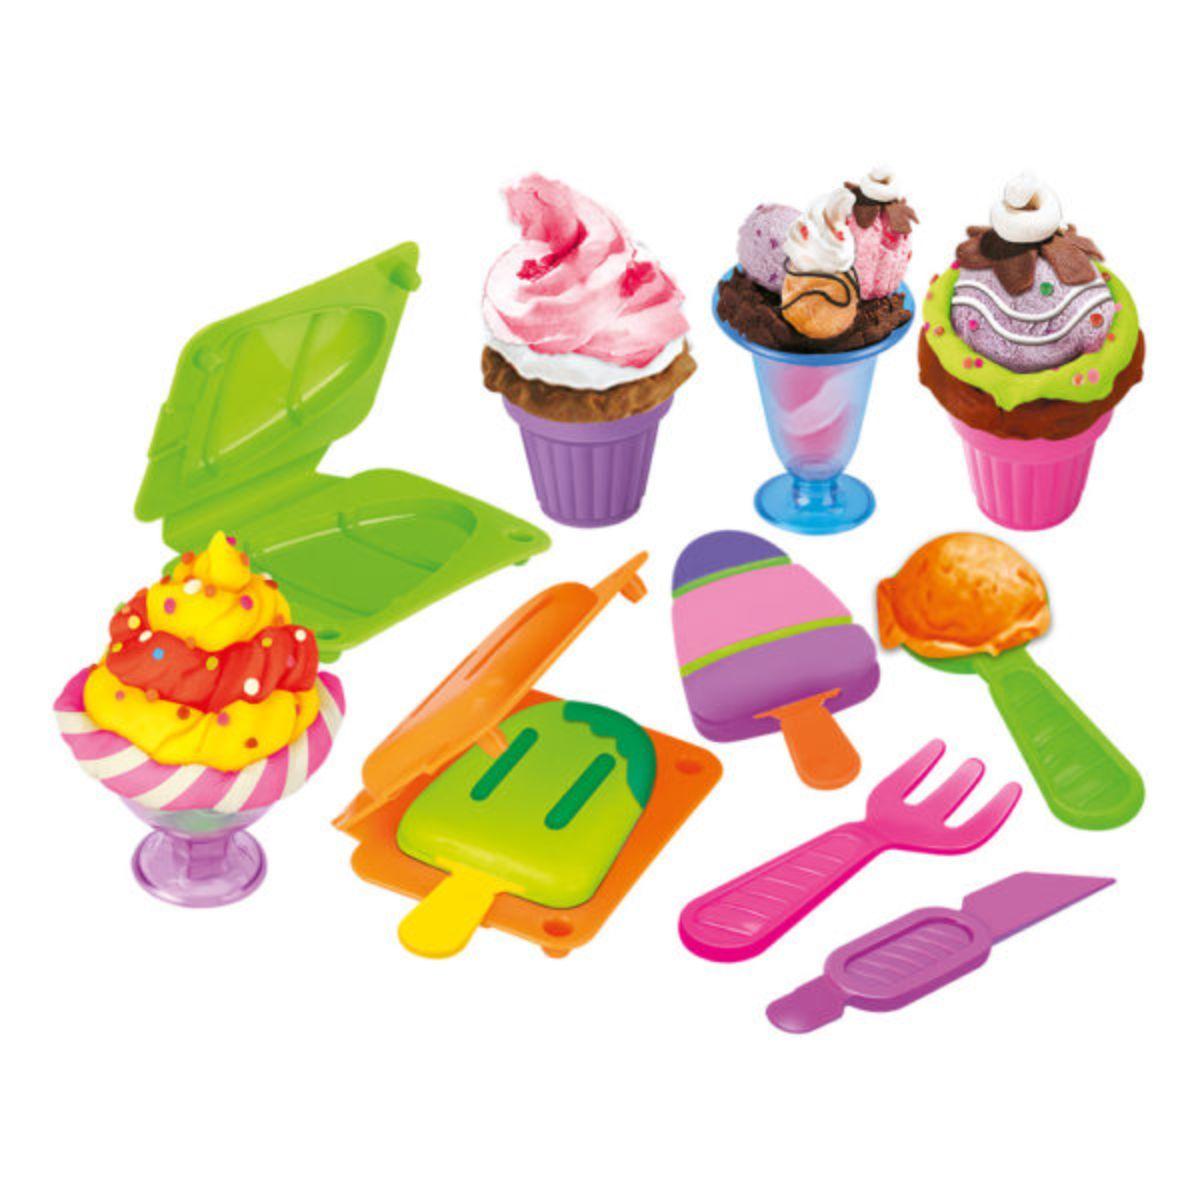 Modele e Brinque Fabrica de Sorvete DM Toys